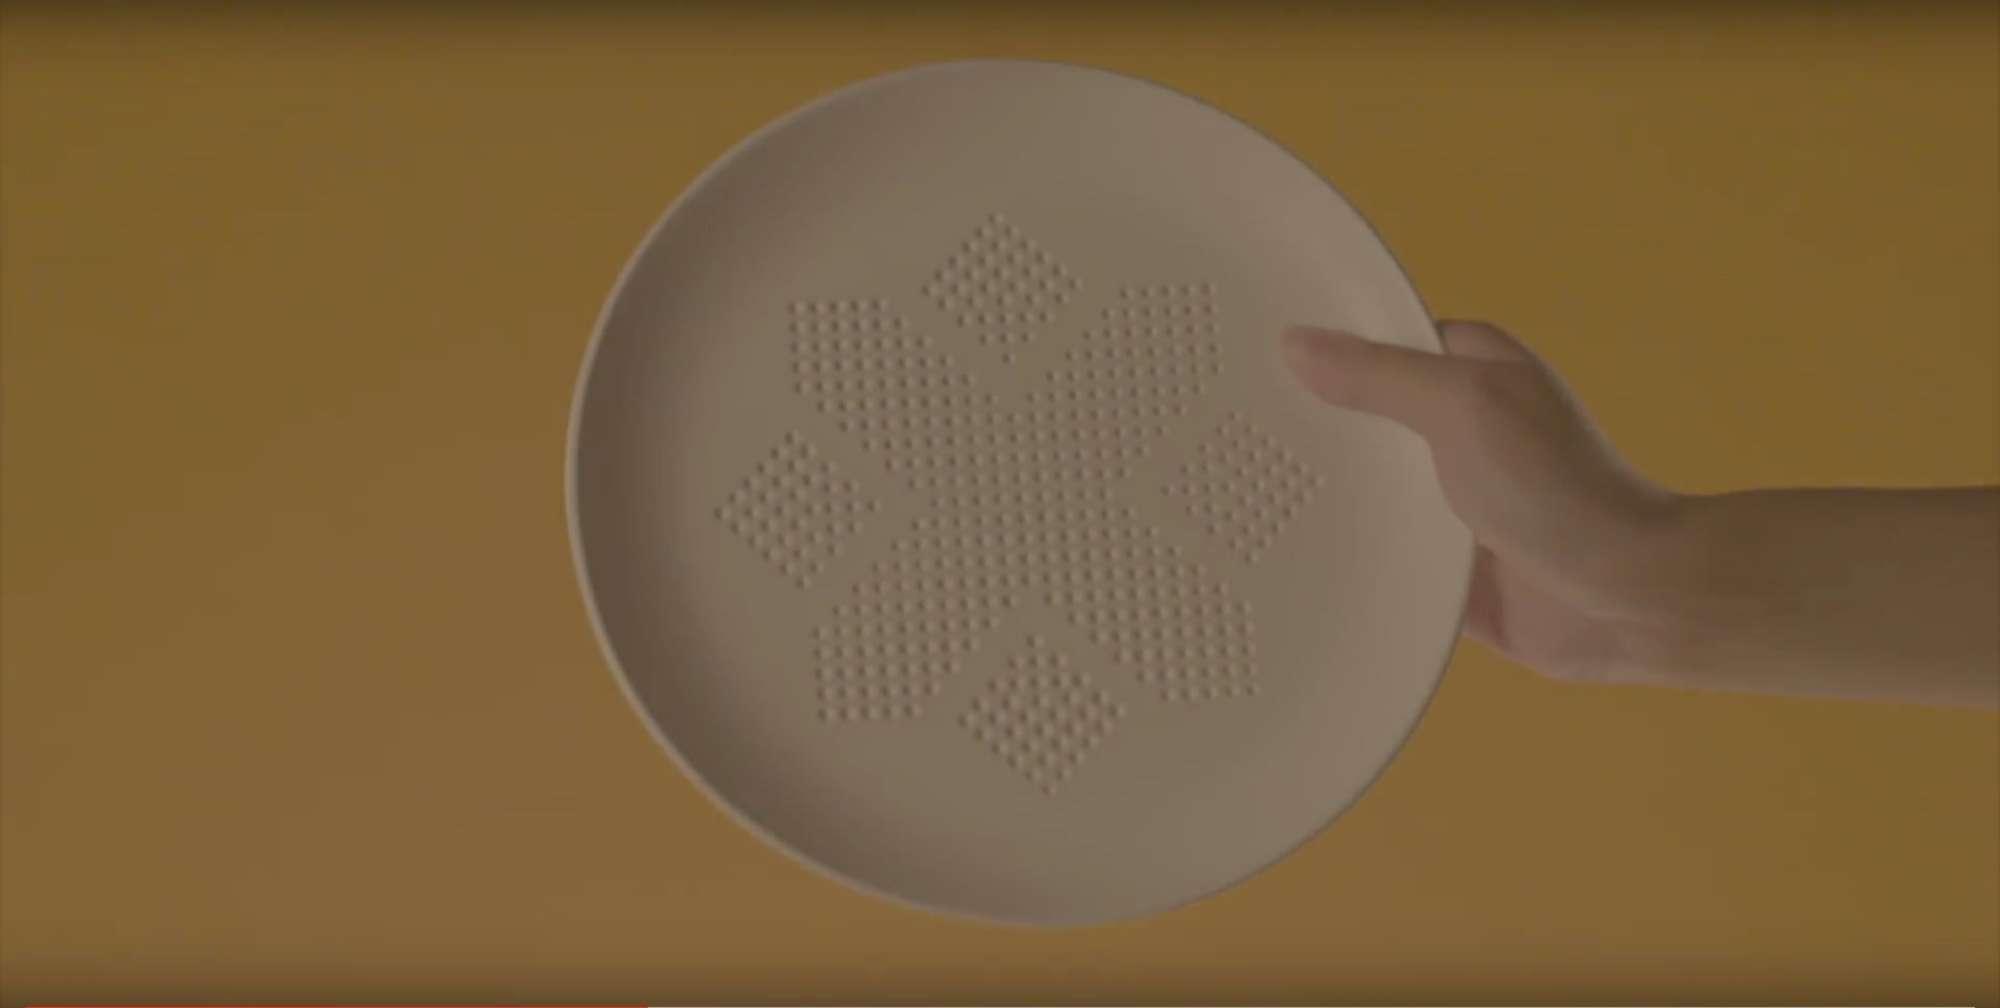 Absorbeplate, piatto che assorbe i grassi del cibo